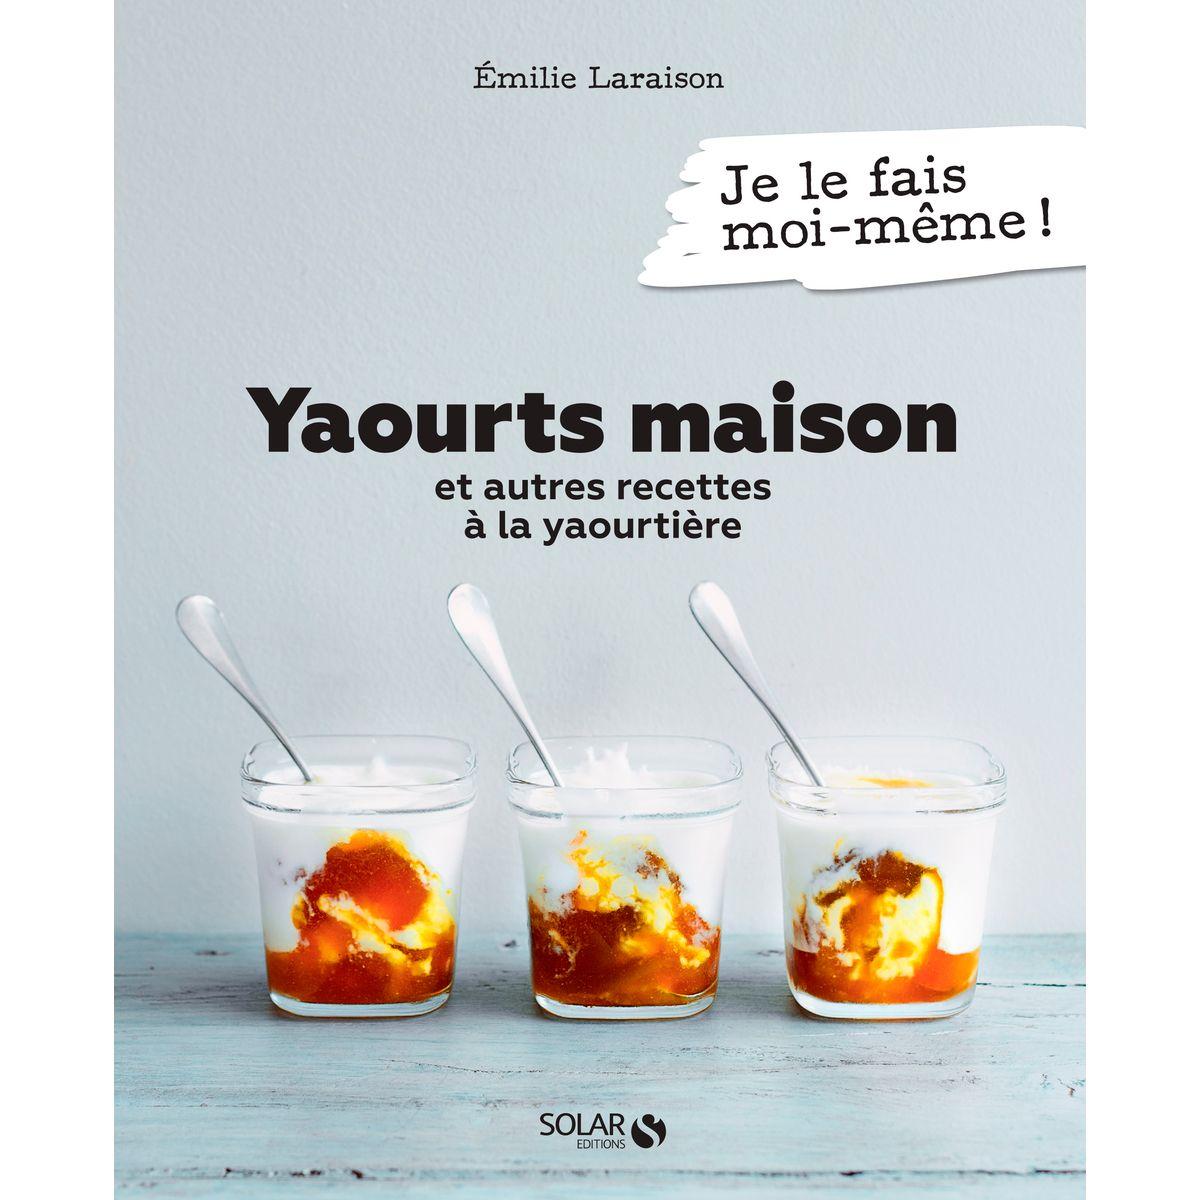 Mes recettes de yaourts maison - First